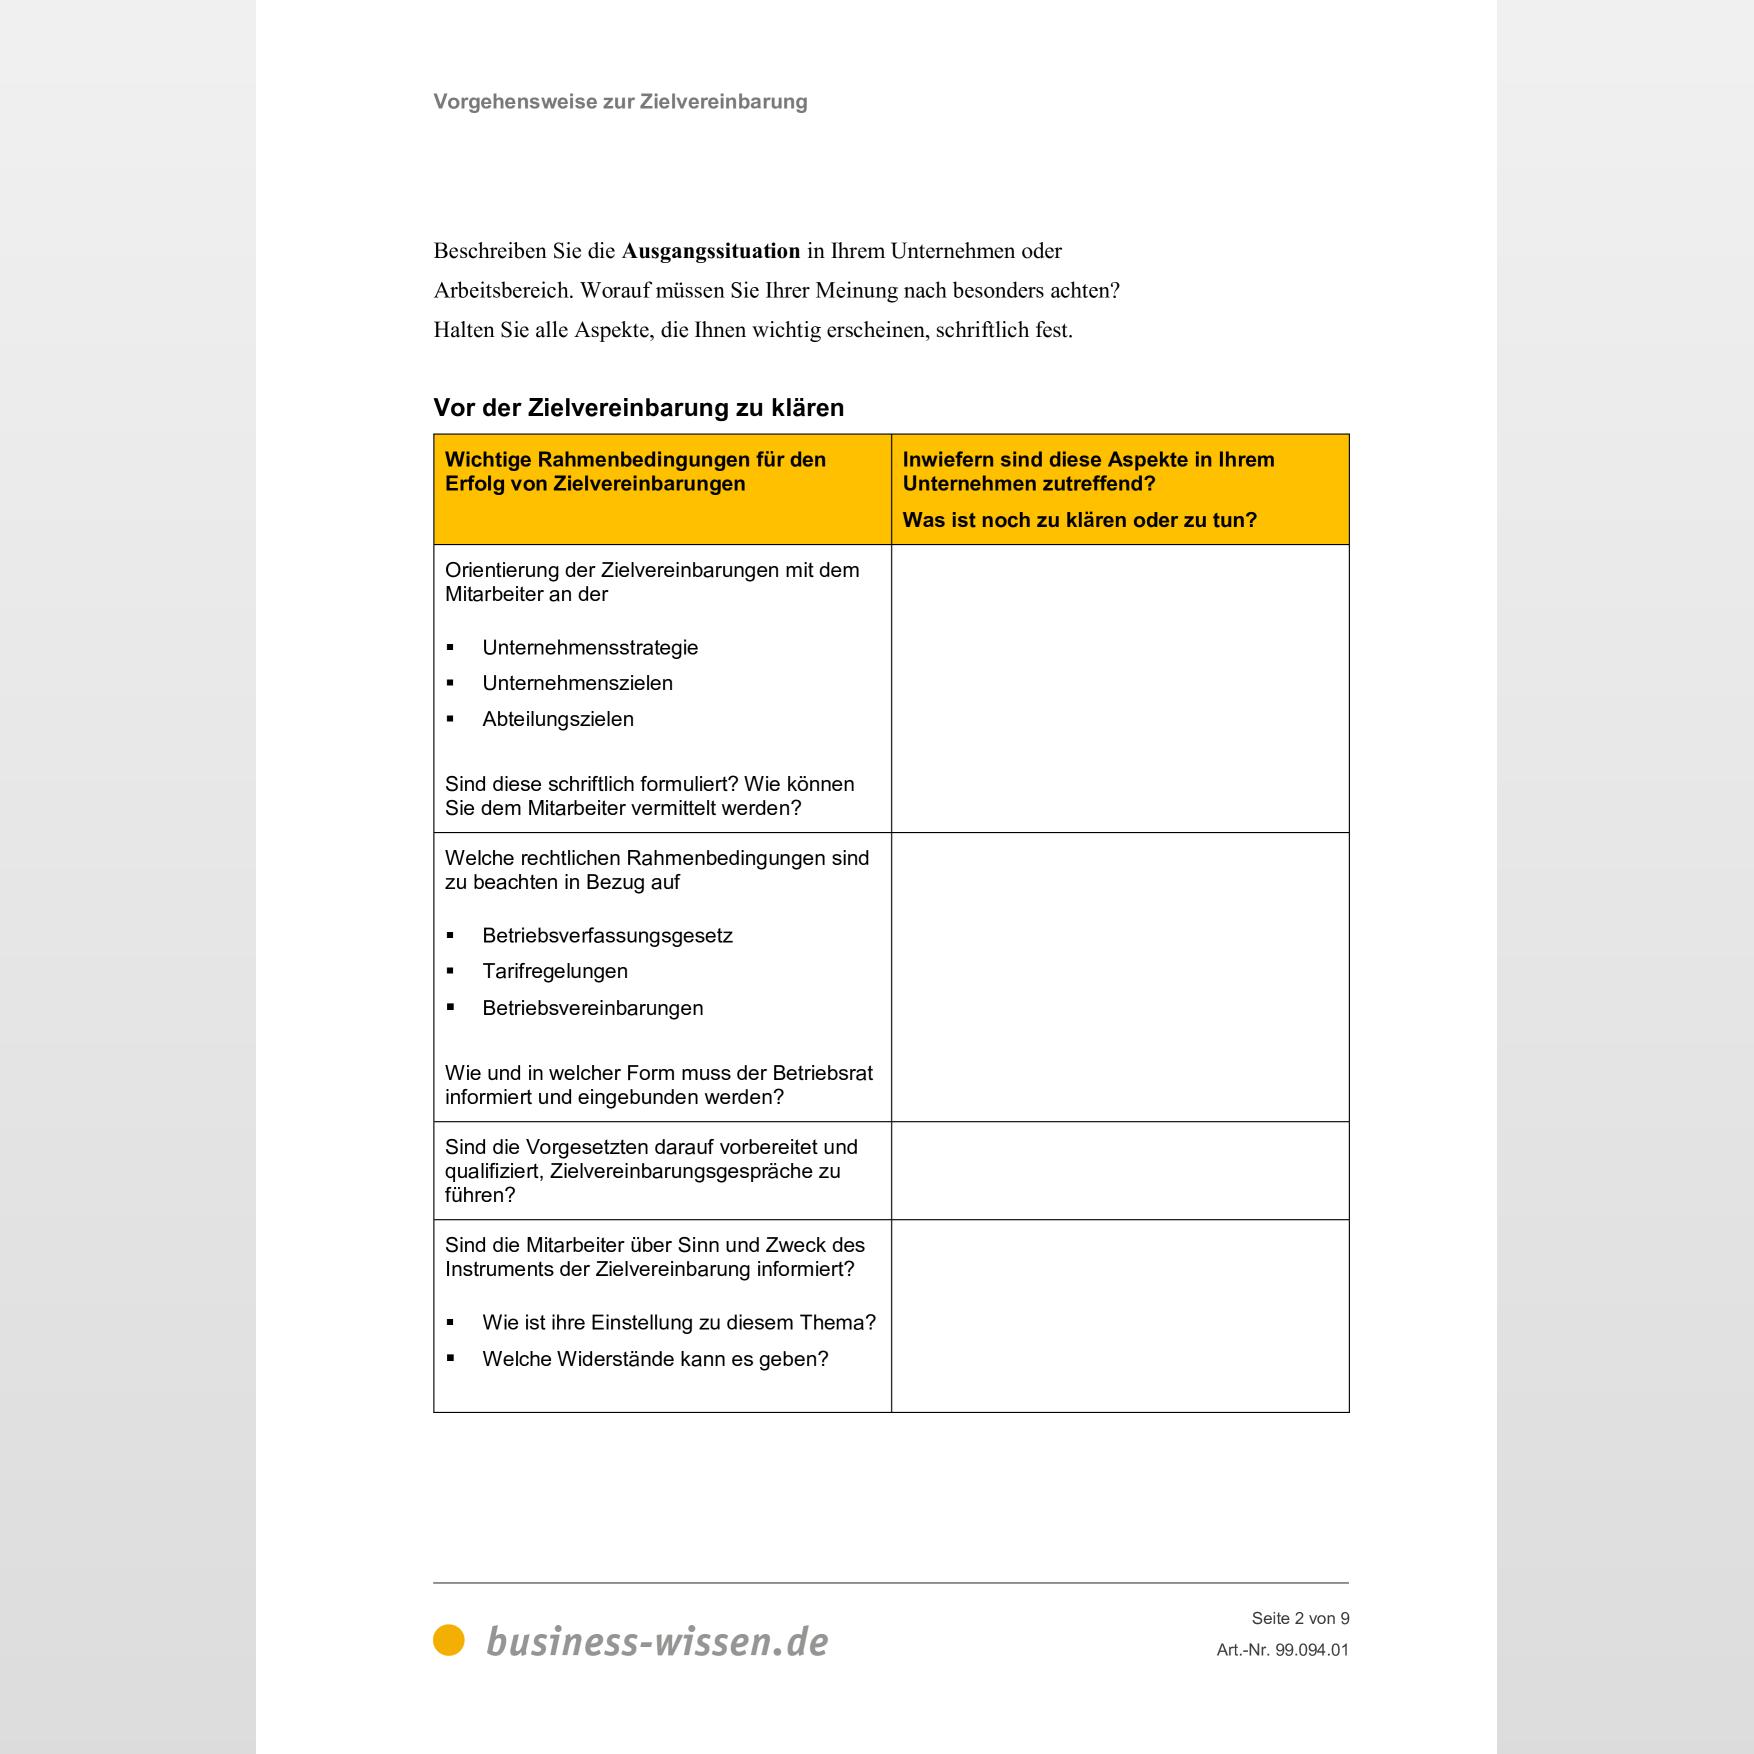 Vorgehensweise Zur Zielvereinbarung Mit Mitarbeitern Vorlage Business Wissen De